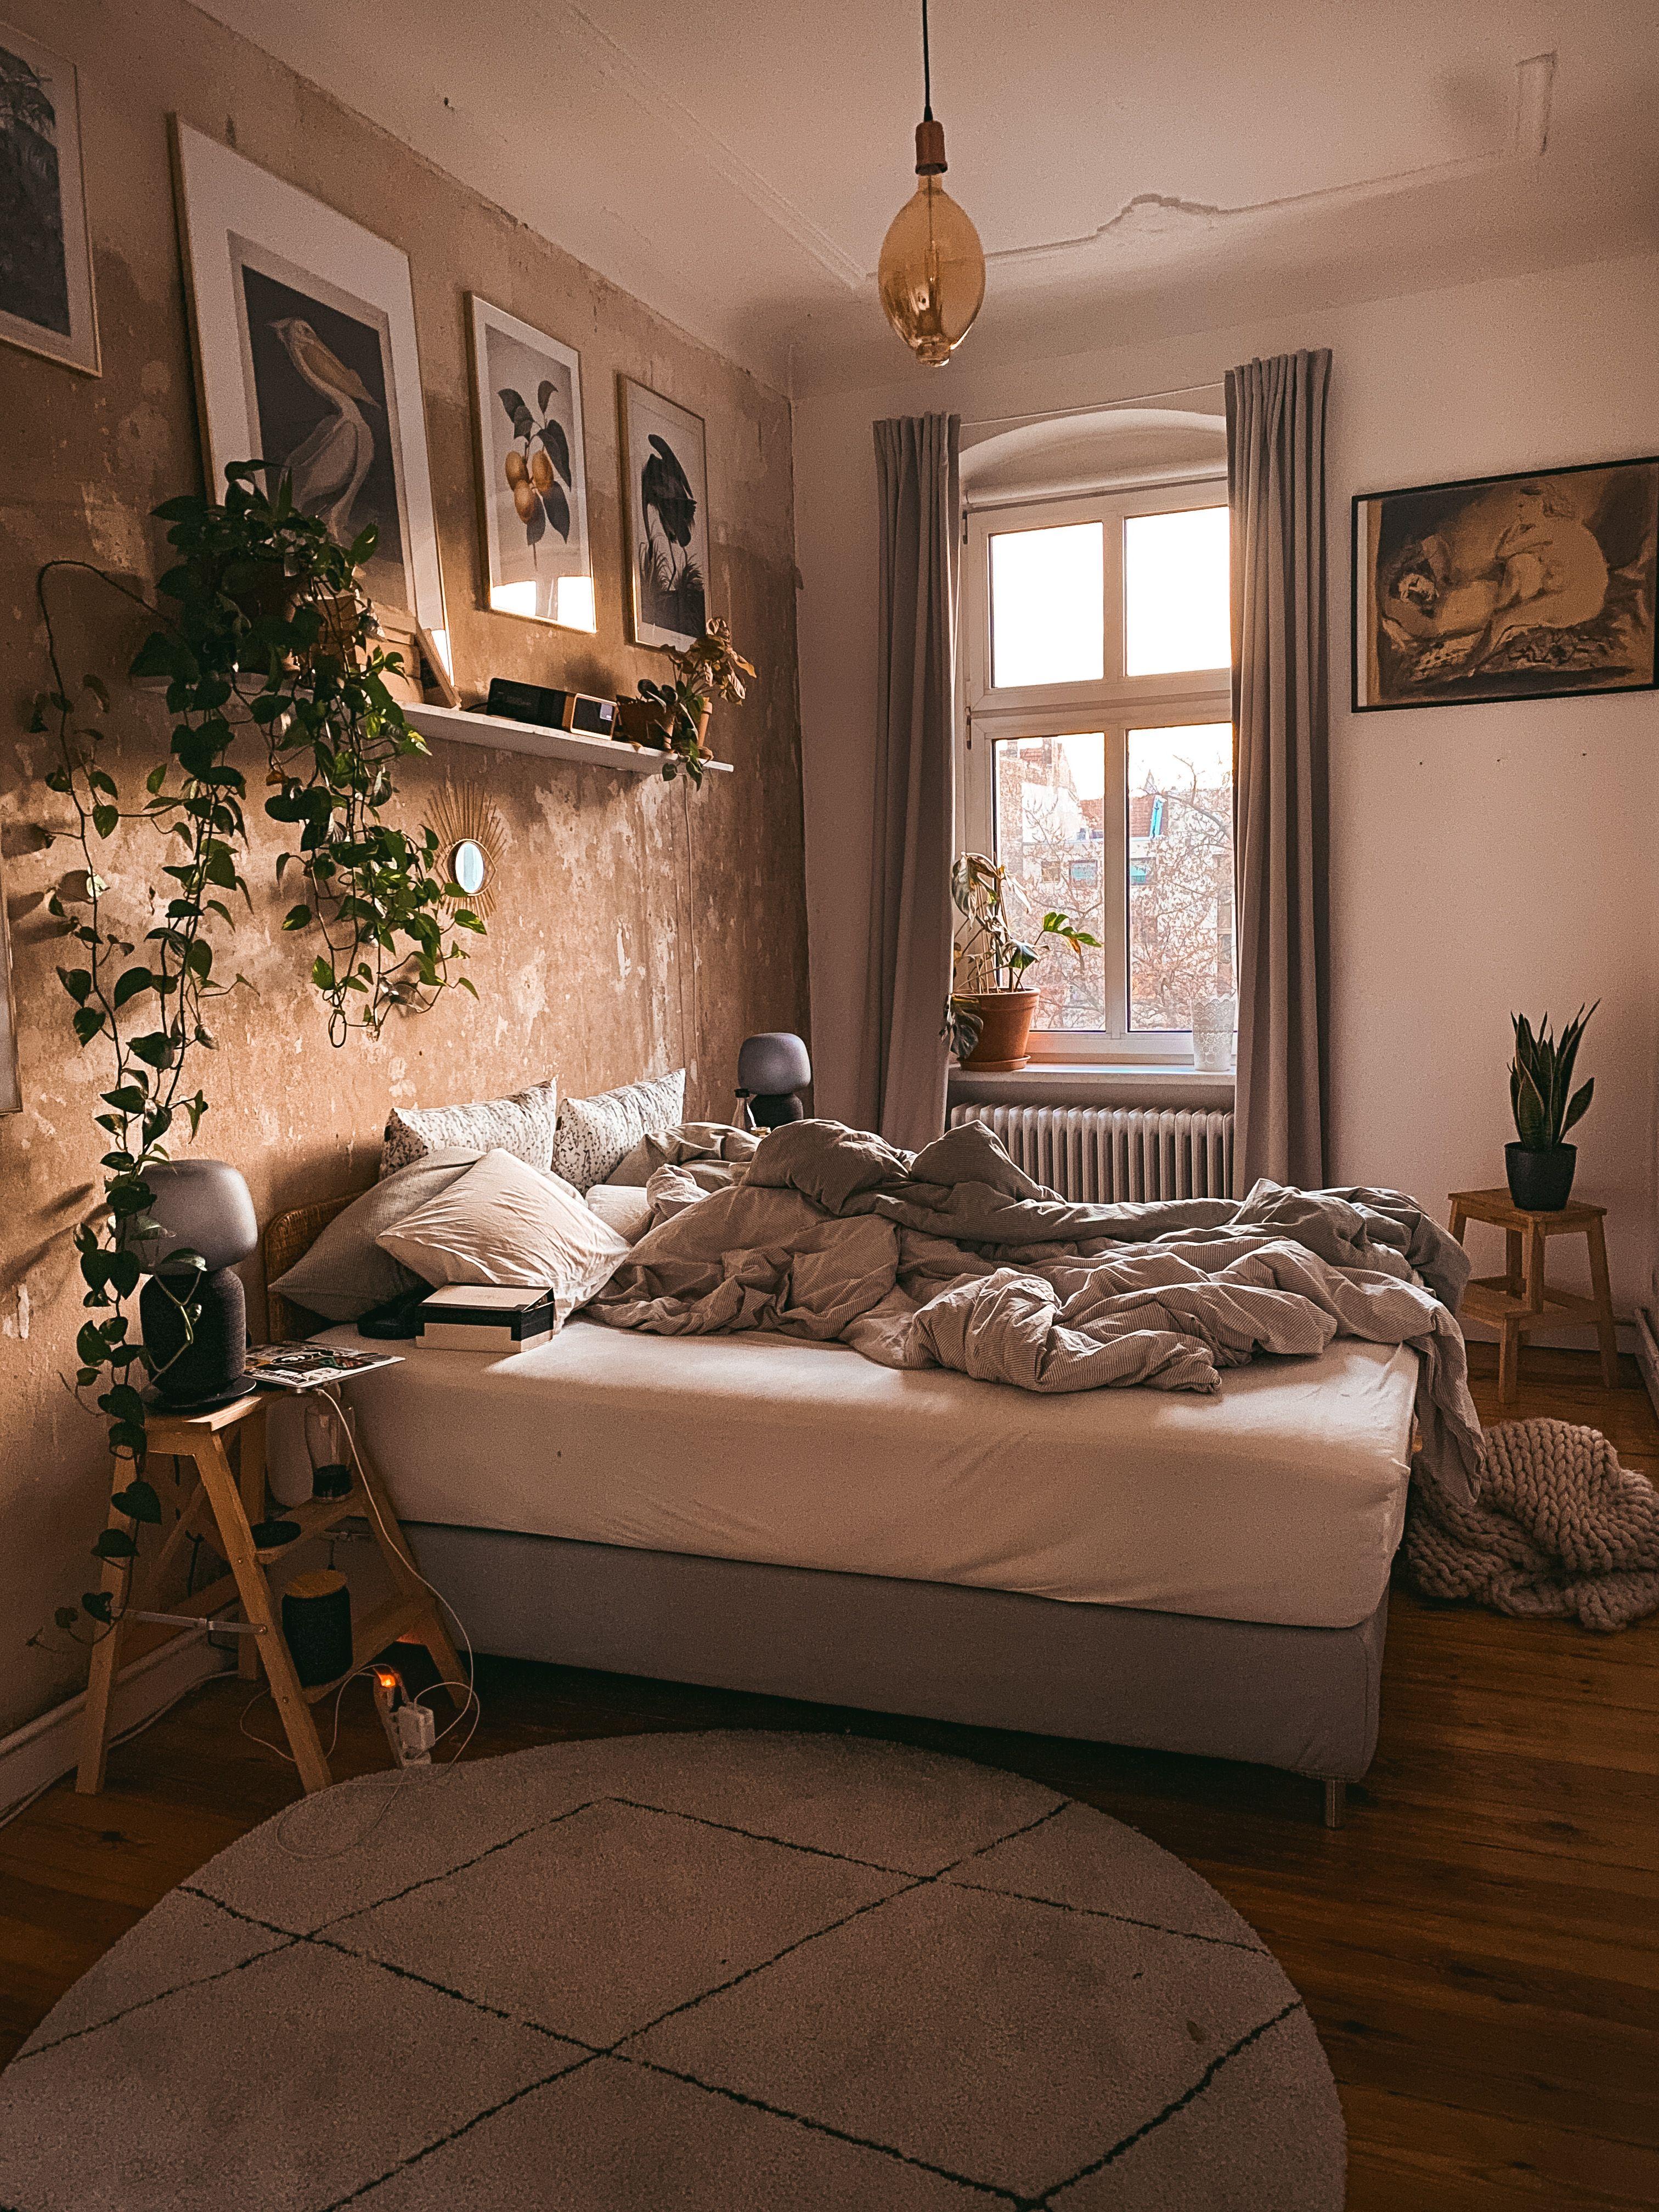 Tv In 2020 Einrichtungsideen Schlafzimmer Wohungsdekoration Haus Deko